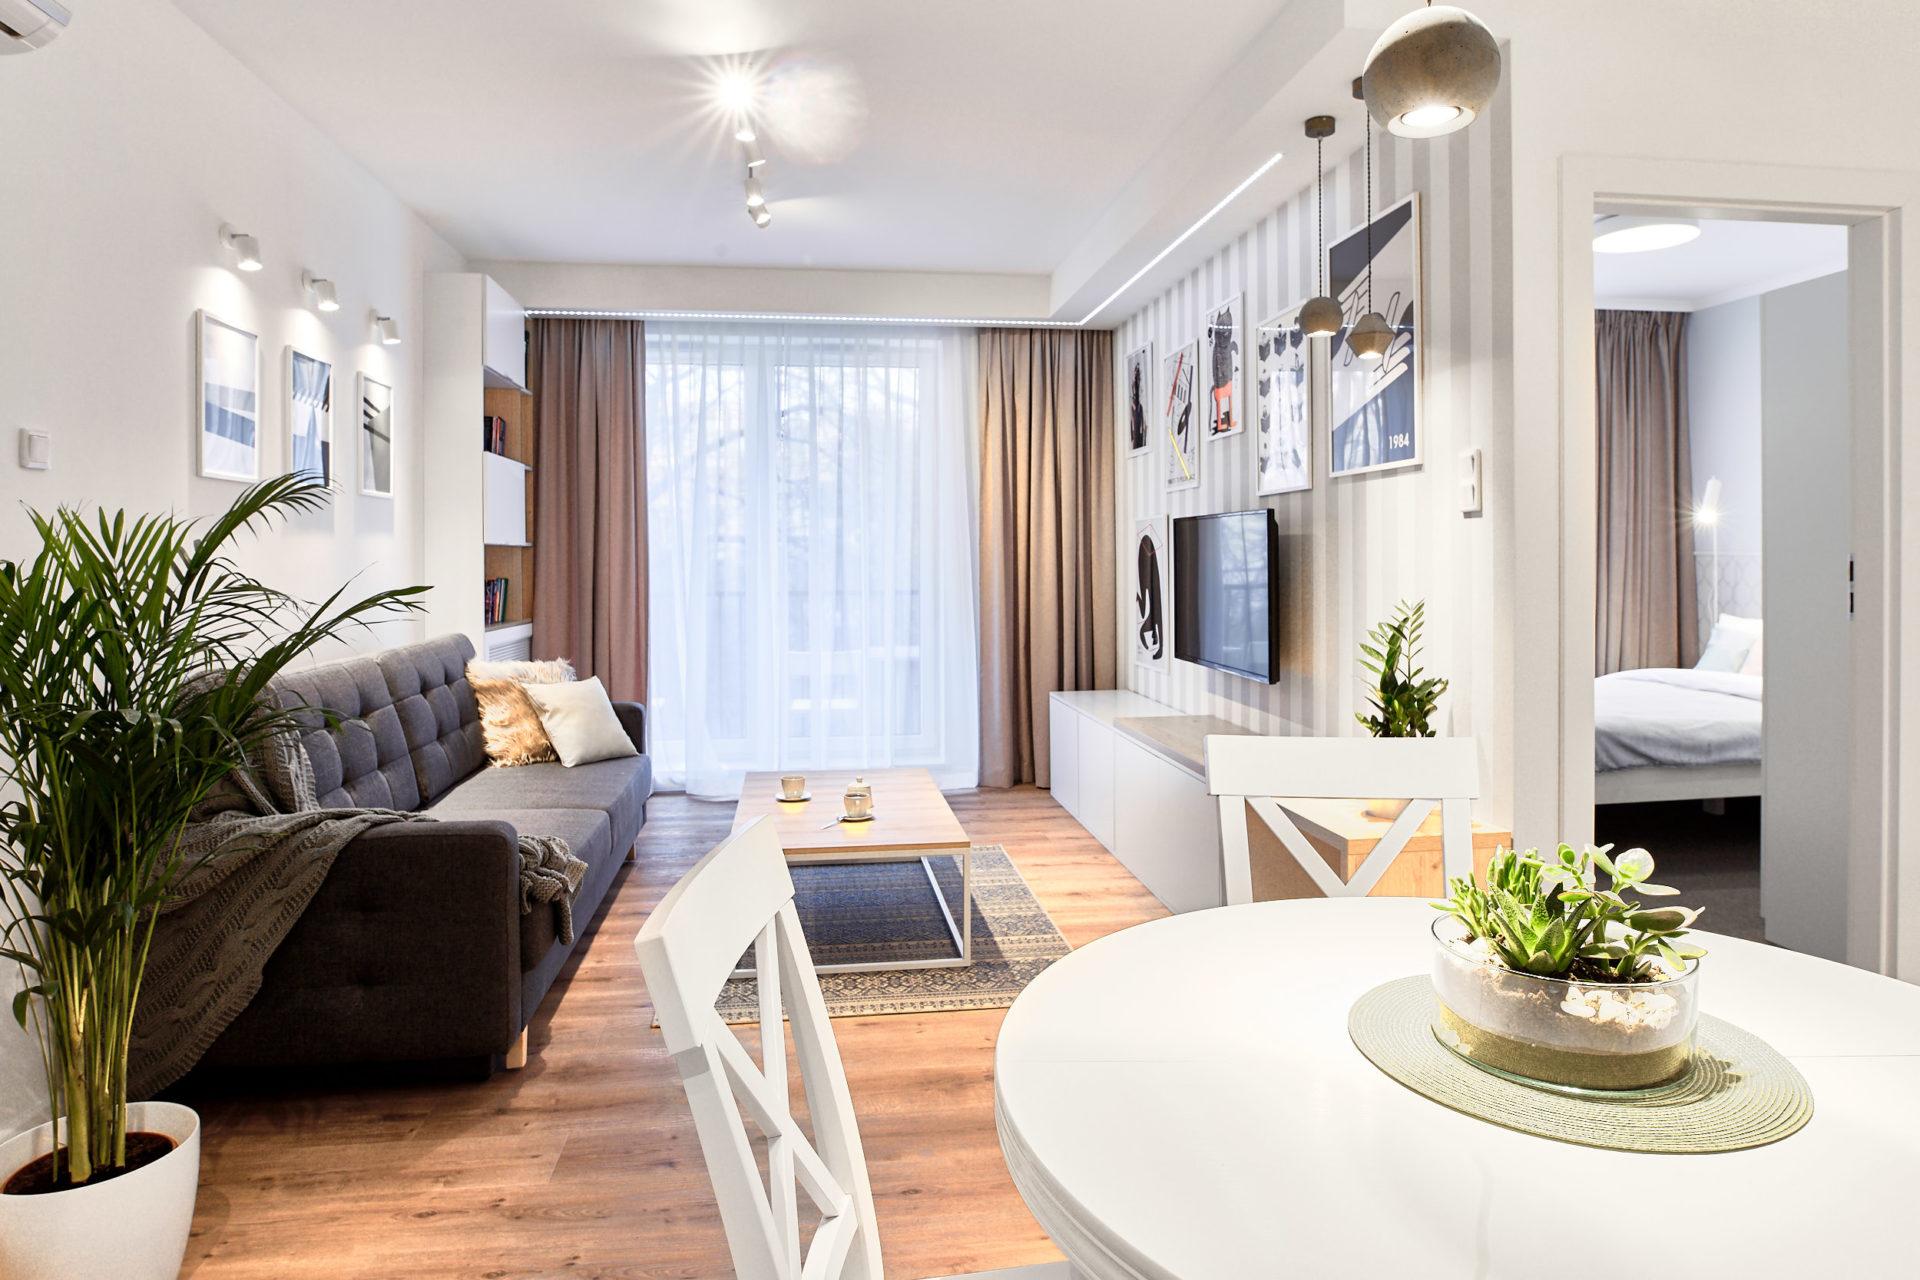 apartament mojito, almond, tv, kuchnia, architekt wnętrz wrocław julia koczur koru 02